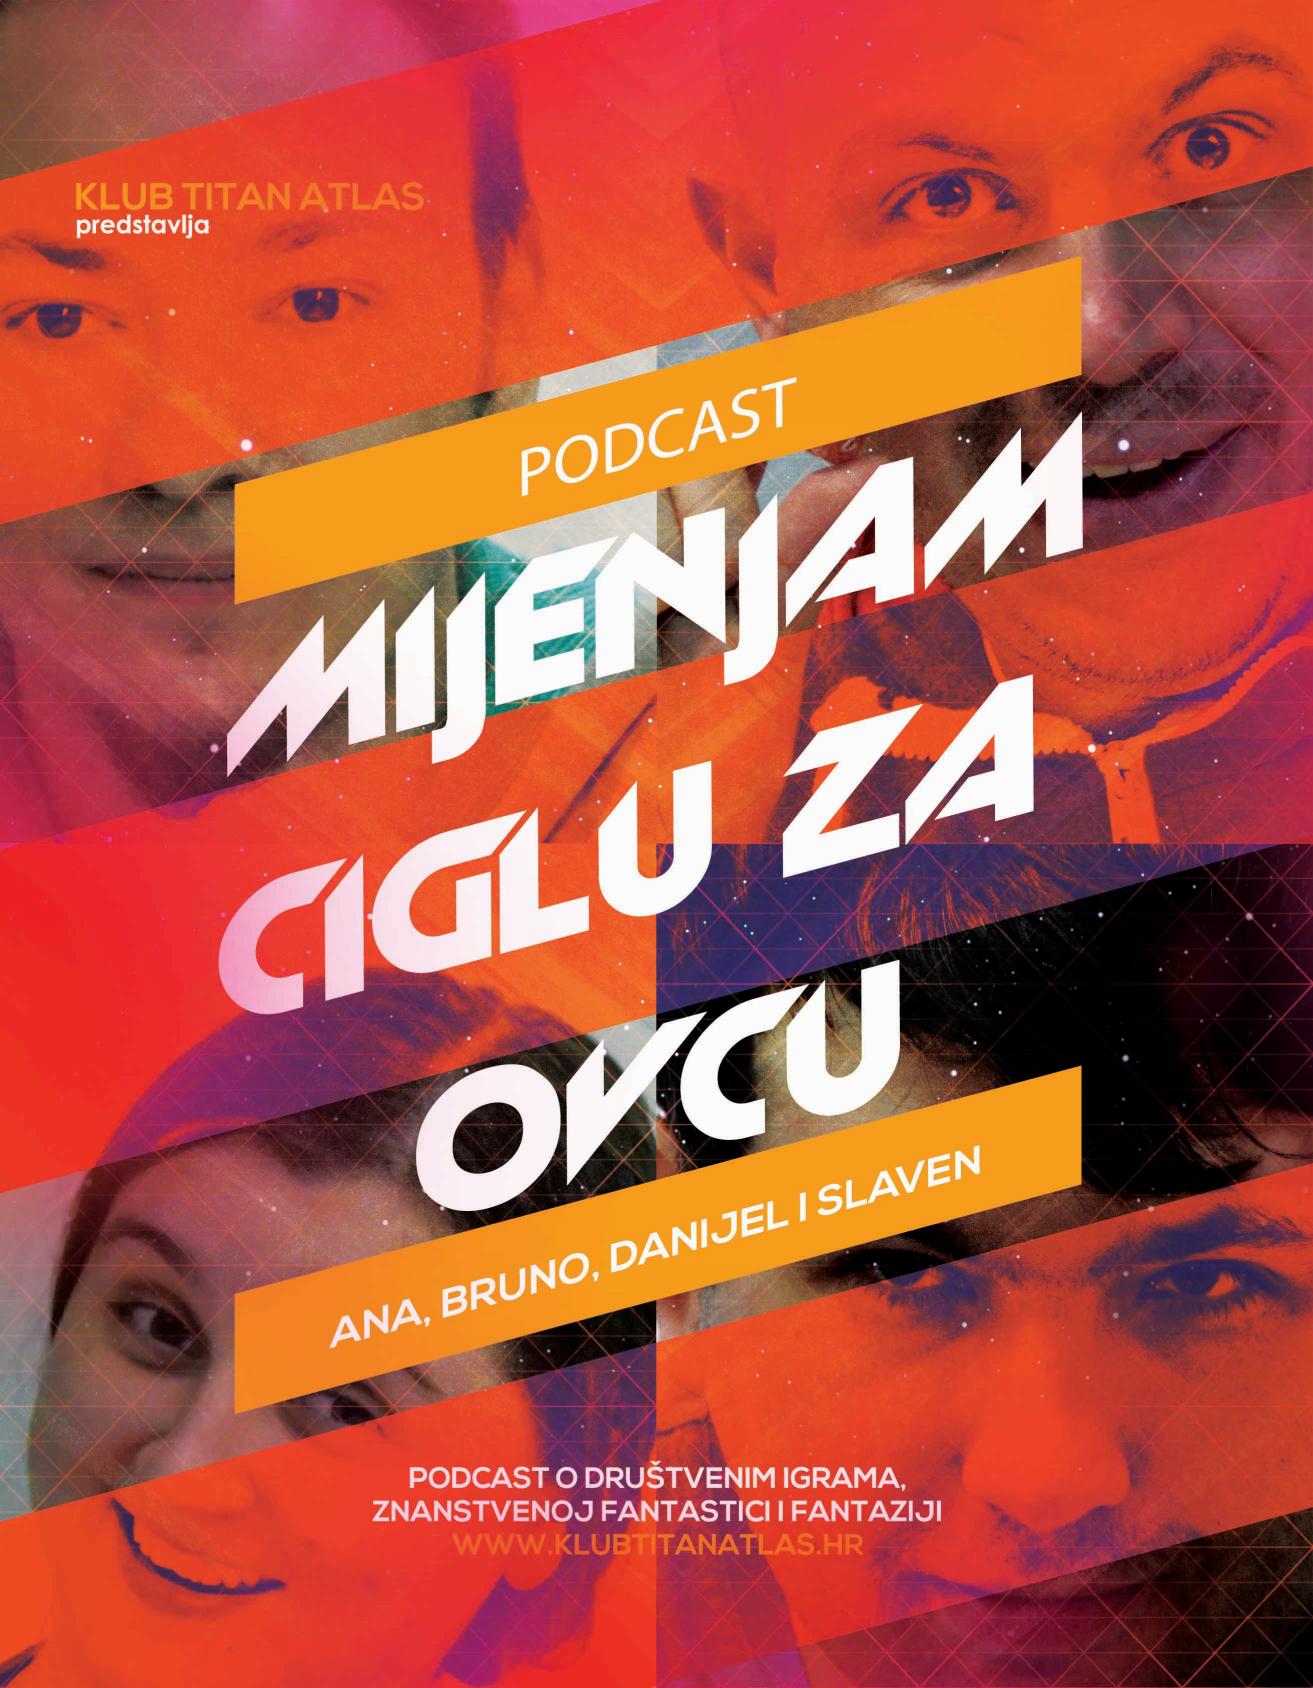 Podcast – Mijenjam ciglu za ovcu – Epizoda 3